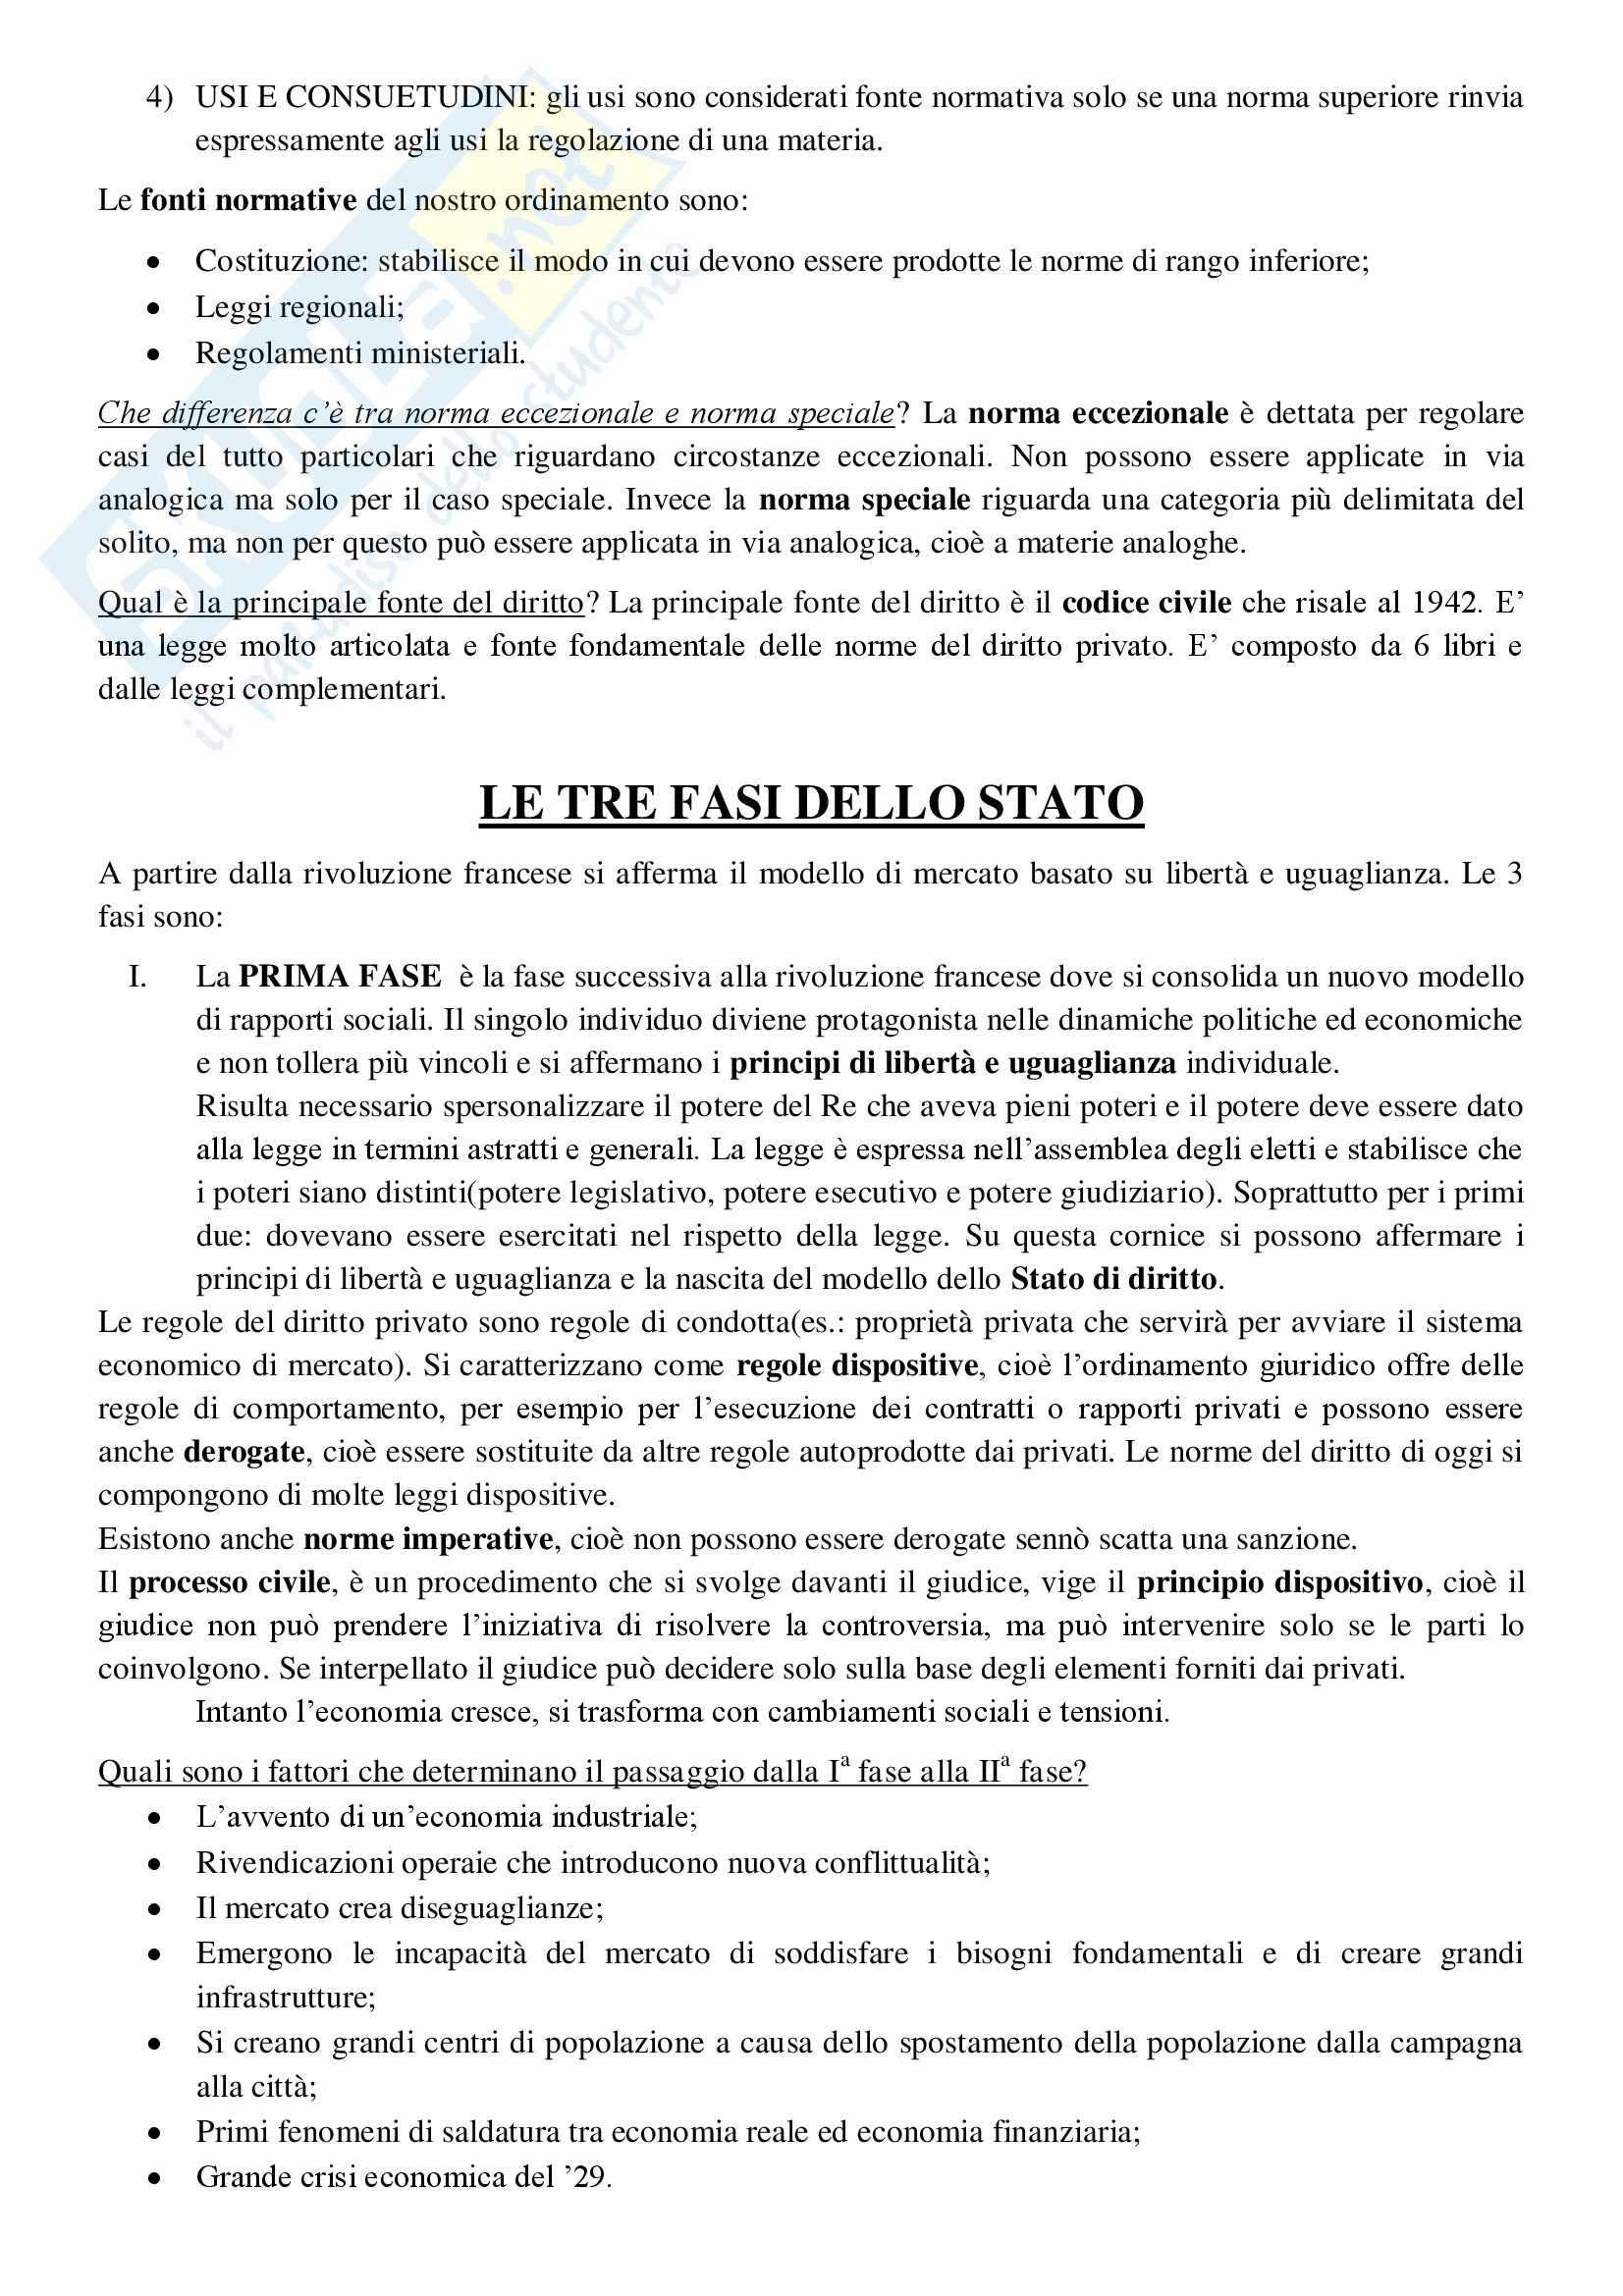 Diritto privato - Appunti prima parte Pag. 2